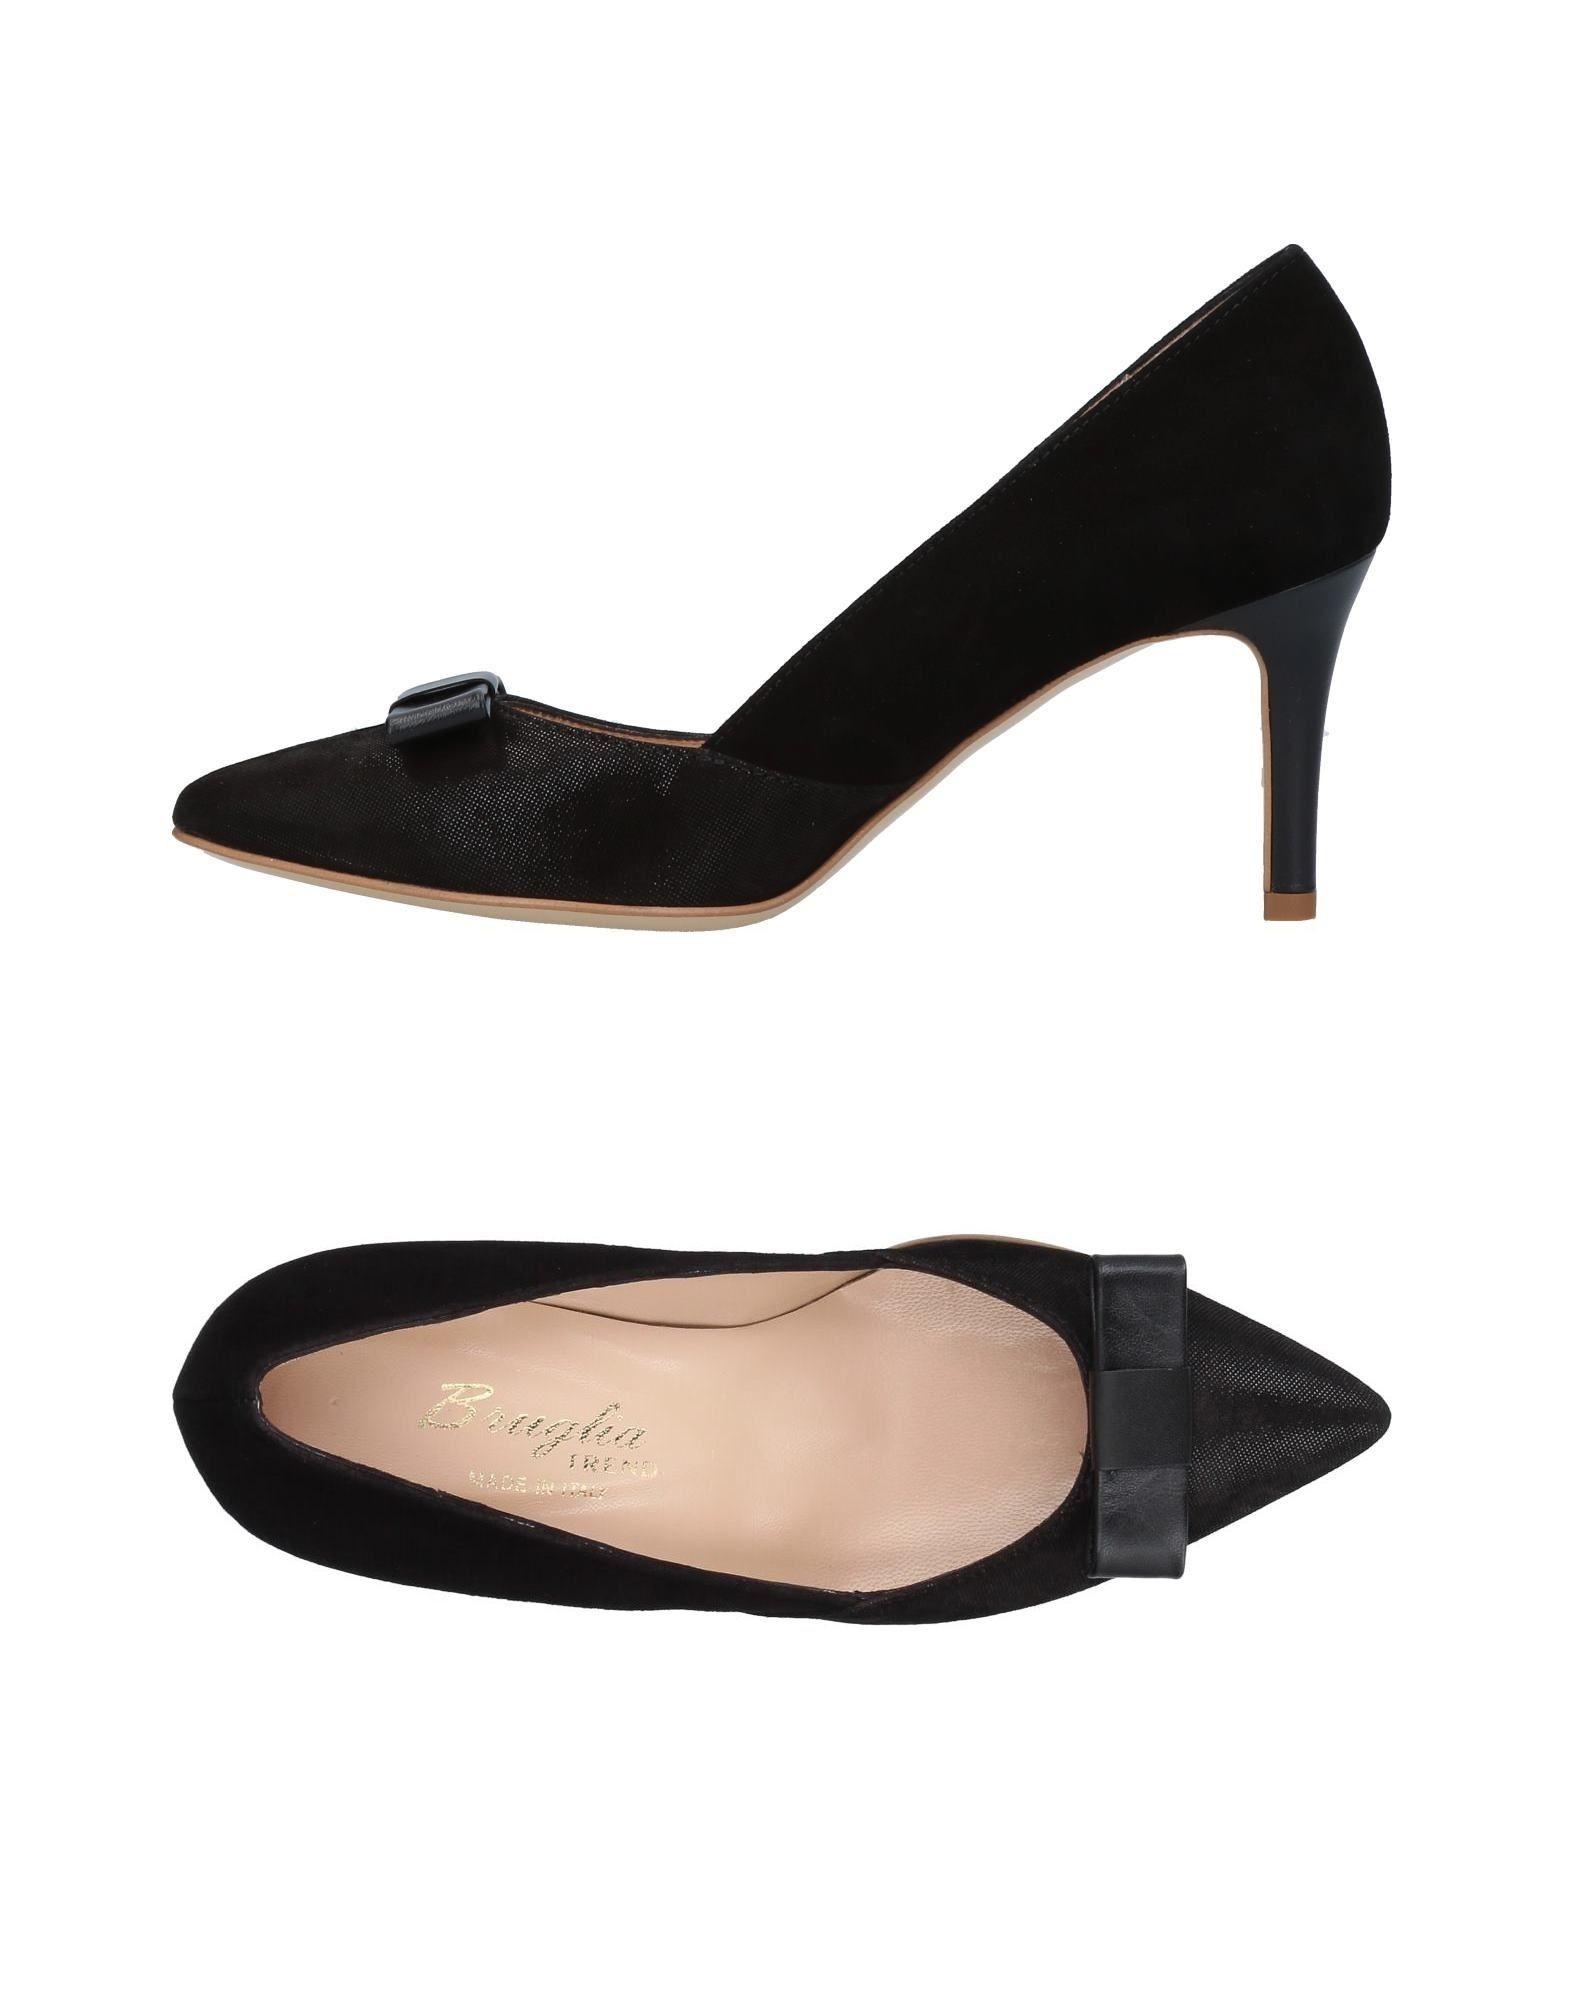 F.Lli Bruglia Pumps Damen  11408644OU Gute Qualität beliebte Schuhe